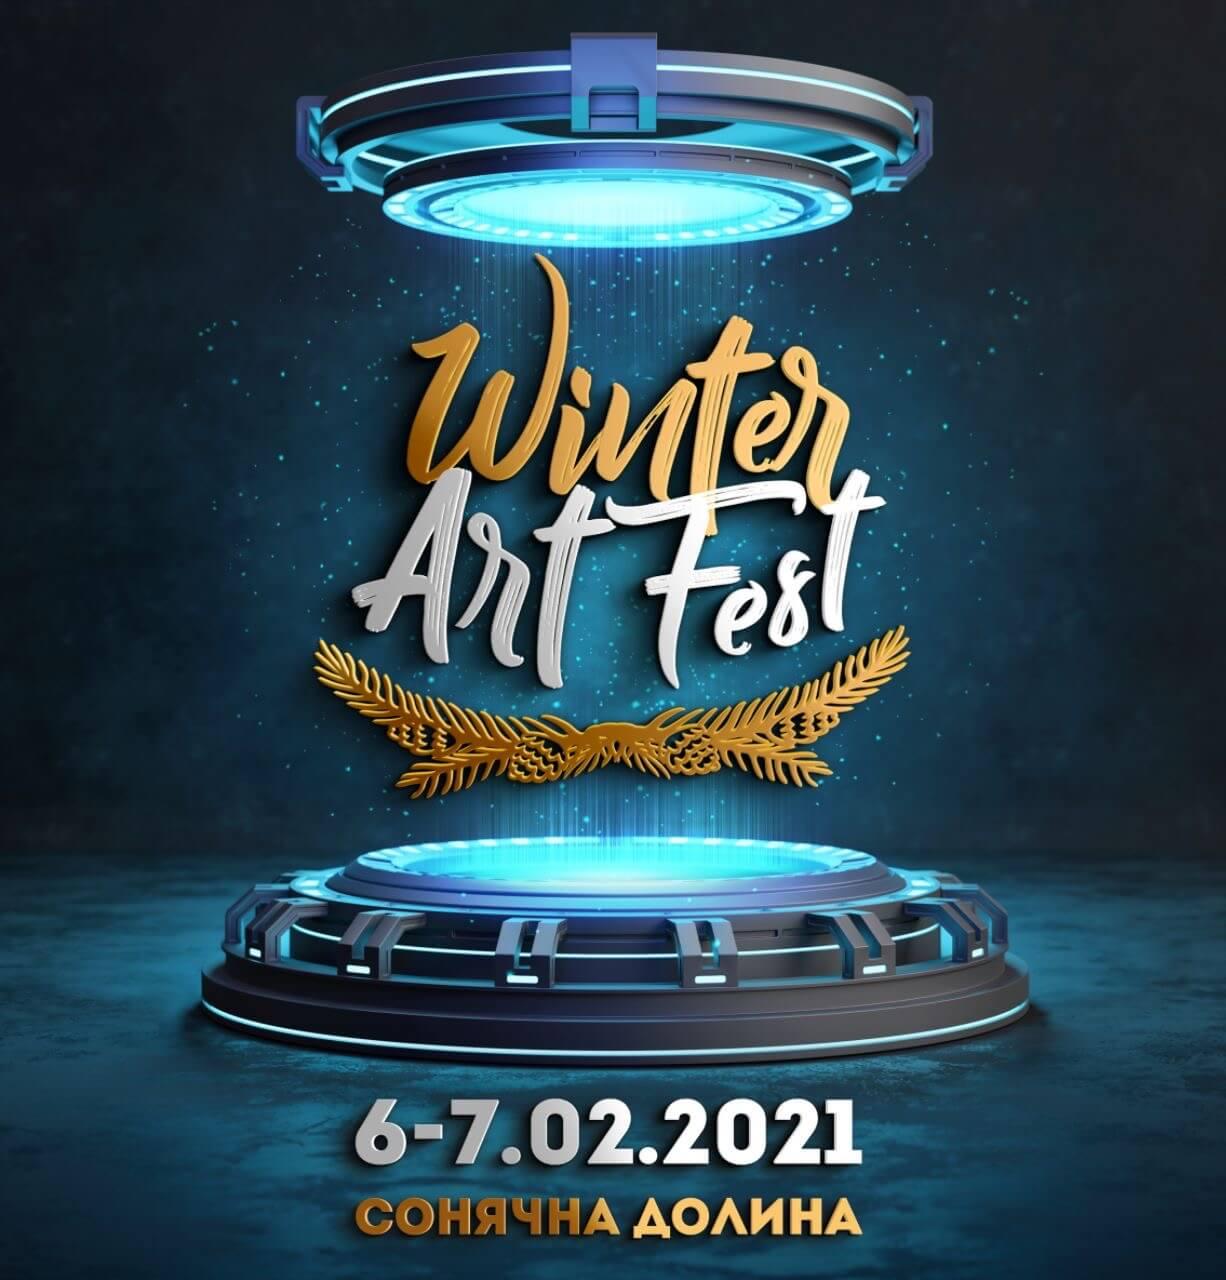 Winter_art_fest_6-7-02_2021